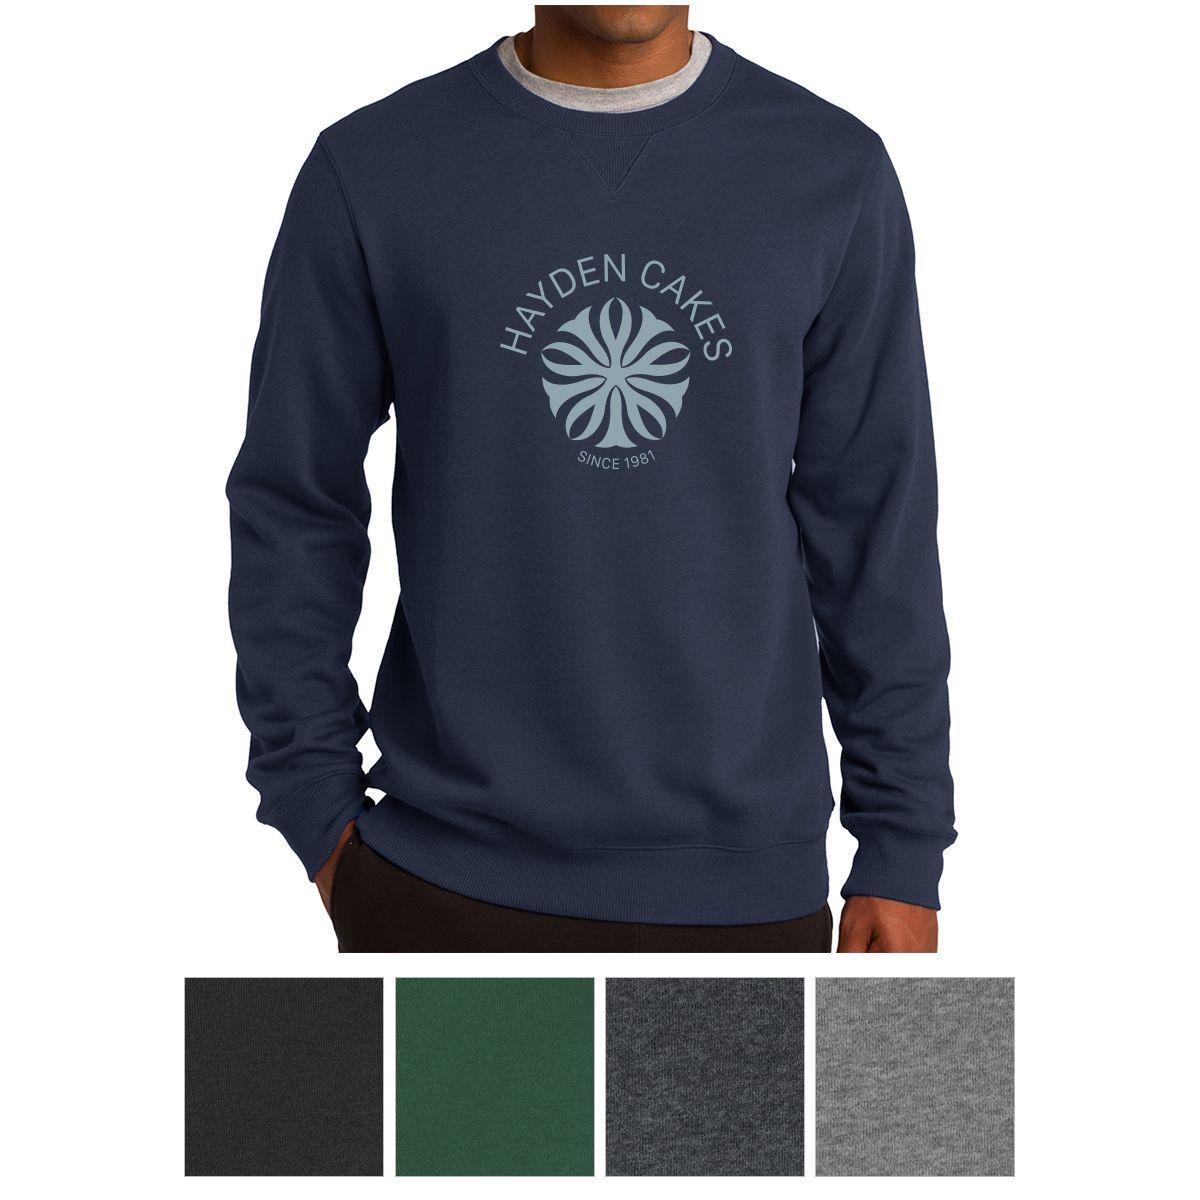 SportTek® Crewneck Sweatshirt in 2020 Sweatshirts, Crew